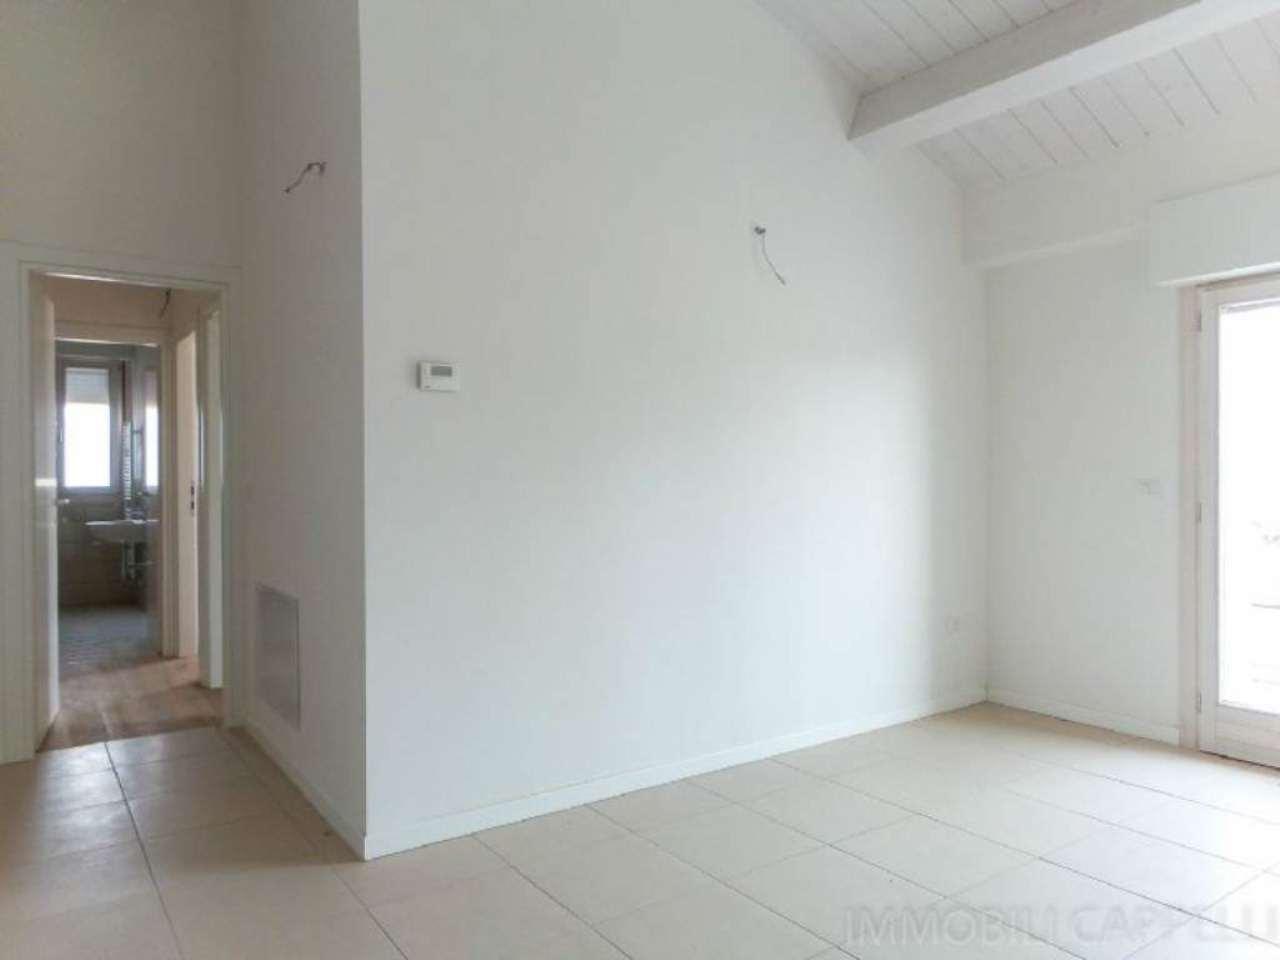 Appartamento in vendita a Cesena, 3 locali, prezzo € 119.000   CambioCasa.it